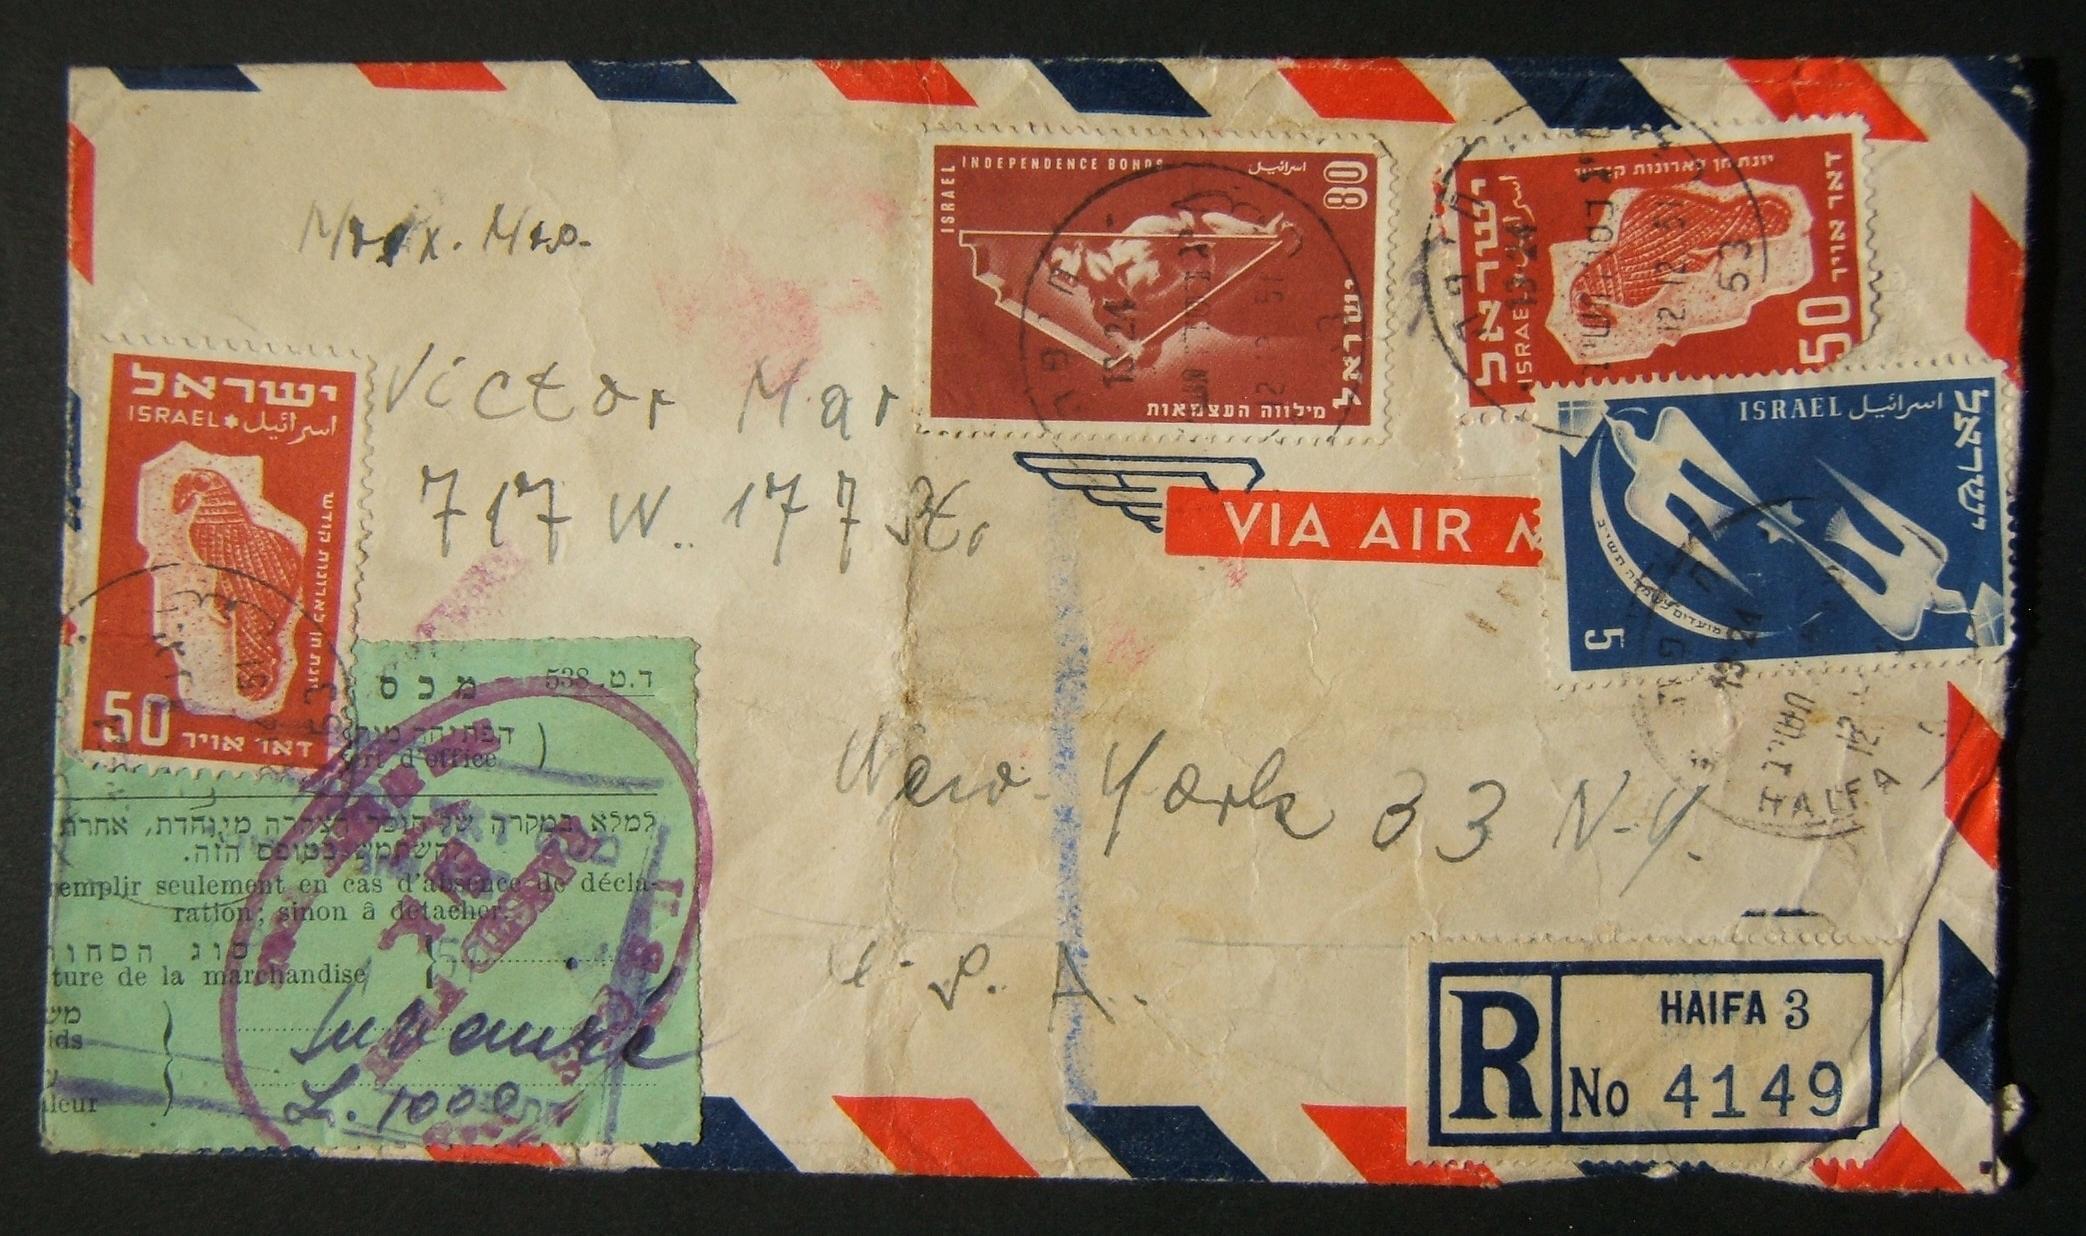 1950 أول بريد جوي / نقاط وأسعار ومسارات: 12-12-1951 تغطية البريد الجوي المسجل من قبل HAIFA إلى مدينة نيويورك مع نموذج البيان الجمركي رقم 538 المرفق باليسار الأيسر 185،0 فرانك في FA-2a PE